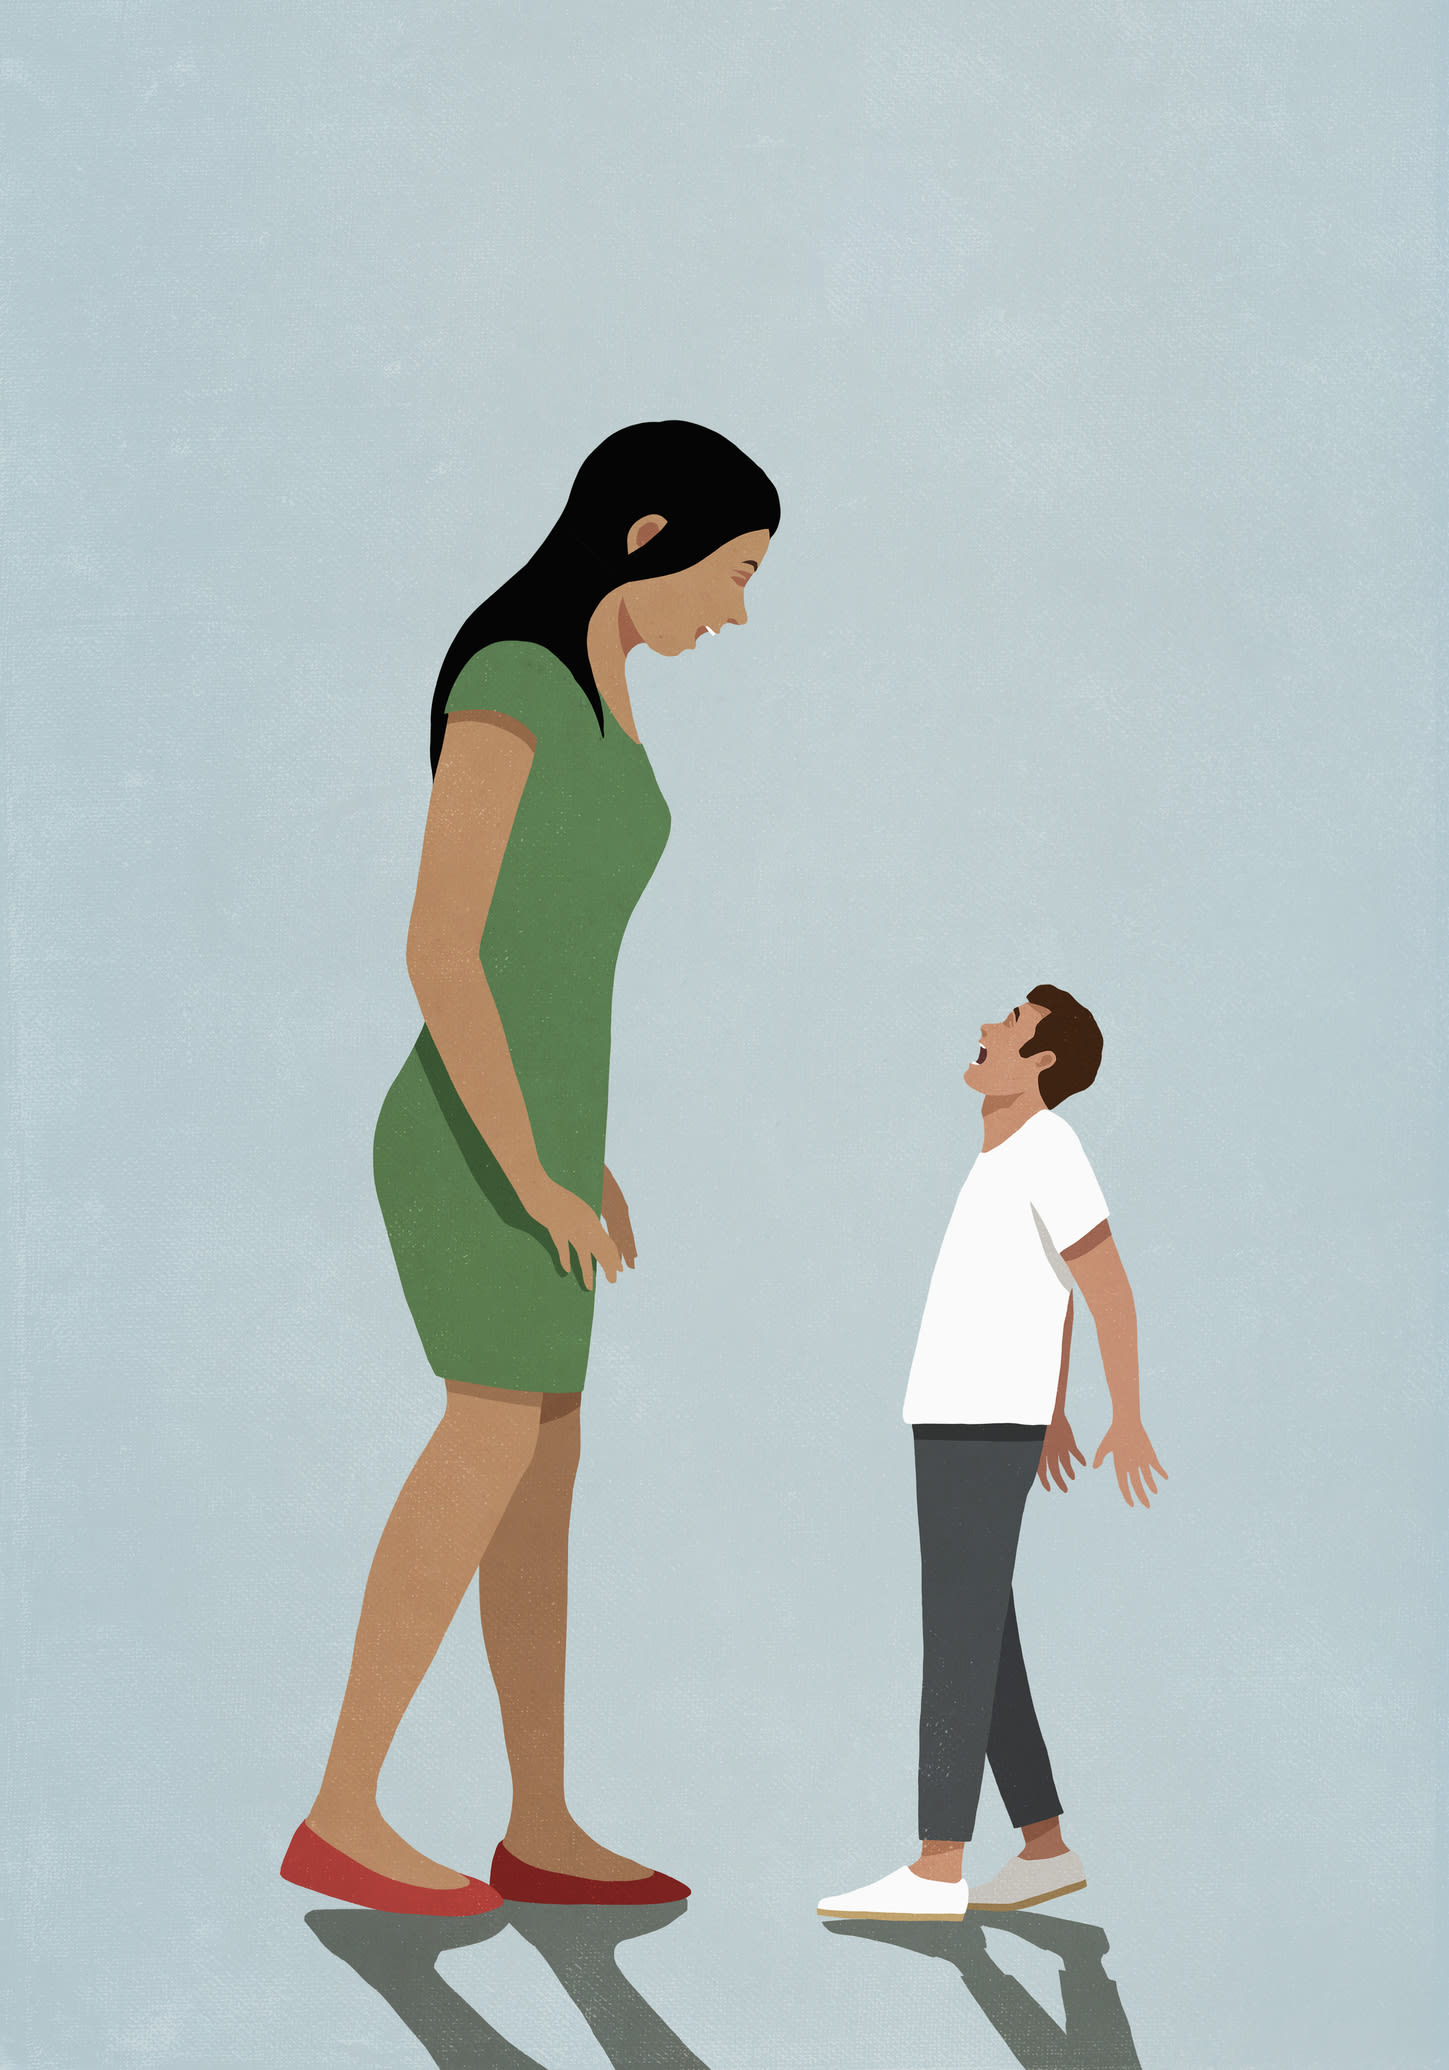 Ilustração de uma mulher muito alta frente a homem muito pequeno e assustado.